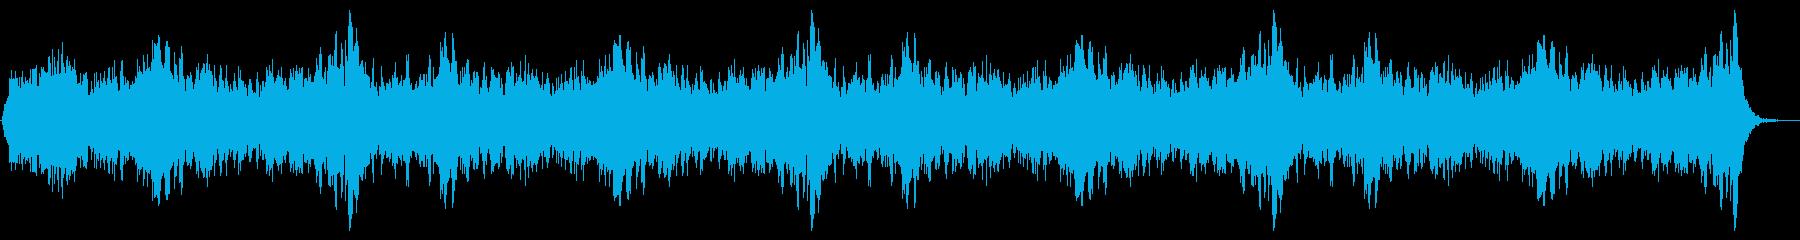 ホラー09の再生済みの波形